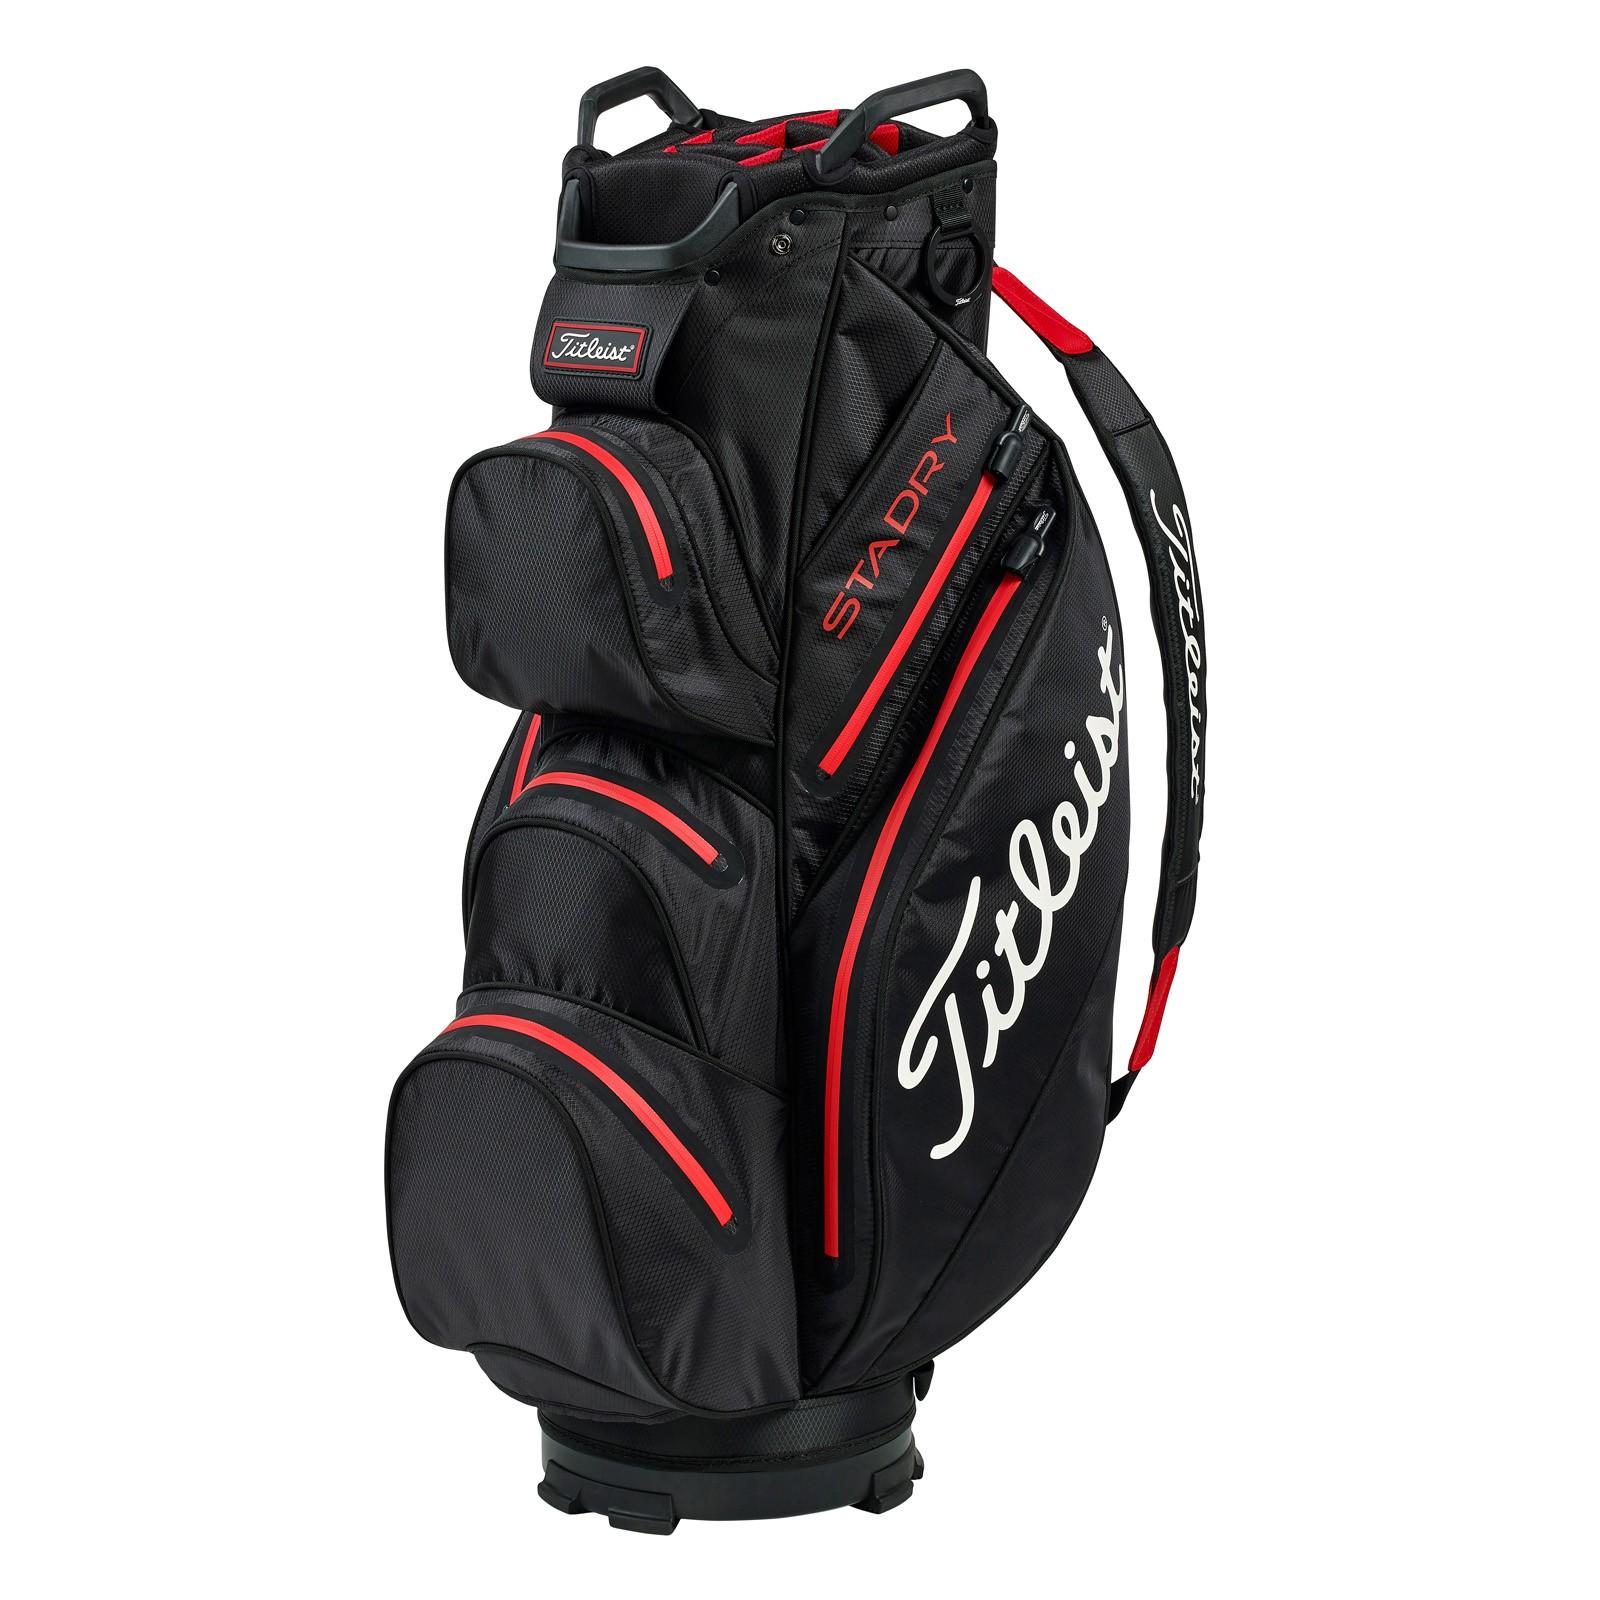 Titleist StaDry Cart Bags